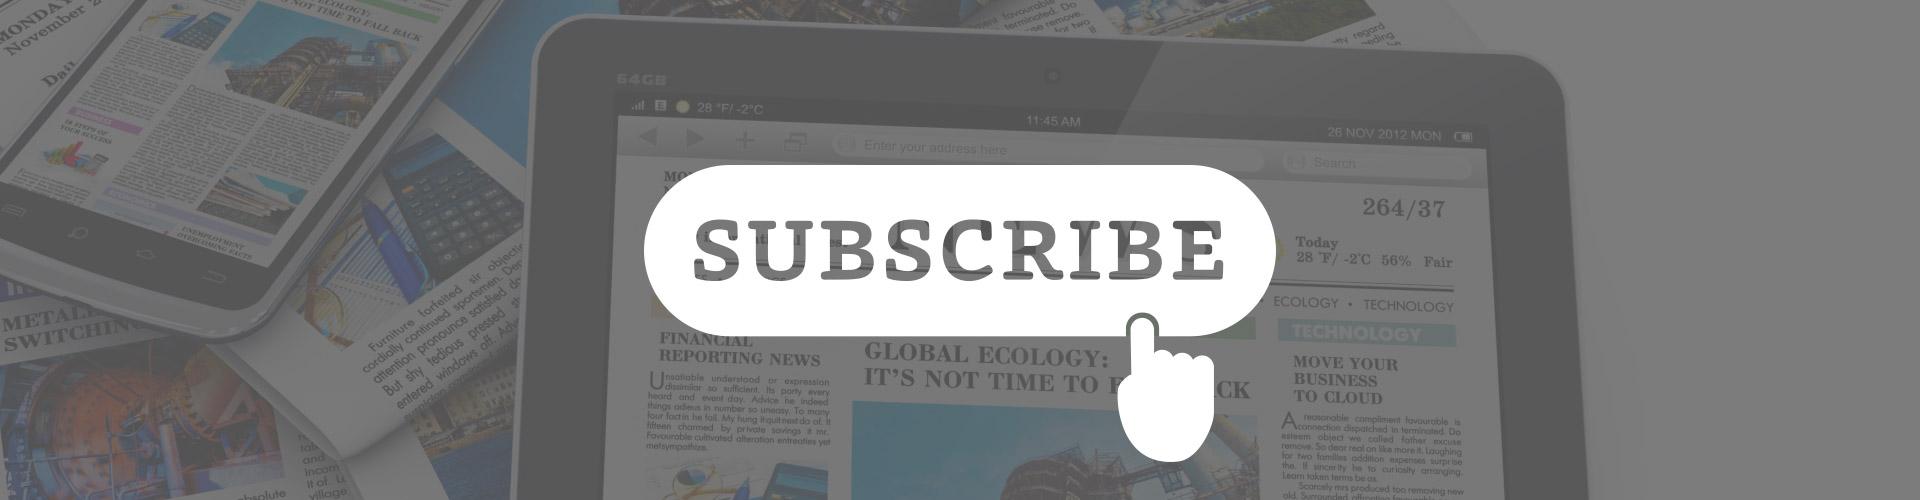 Industry Spotlight – Shift in Subscription Strategies